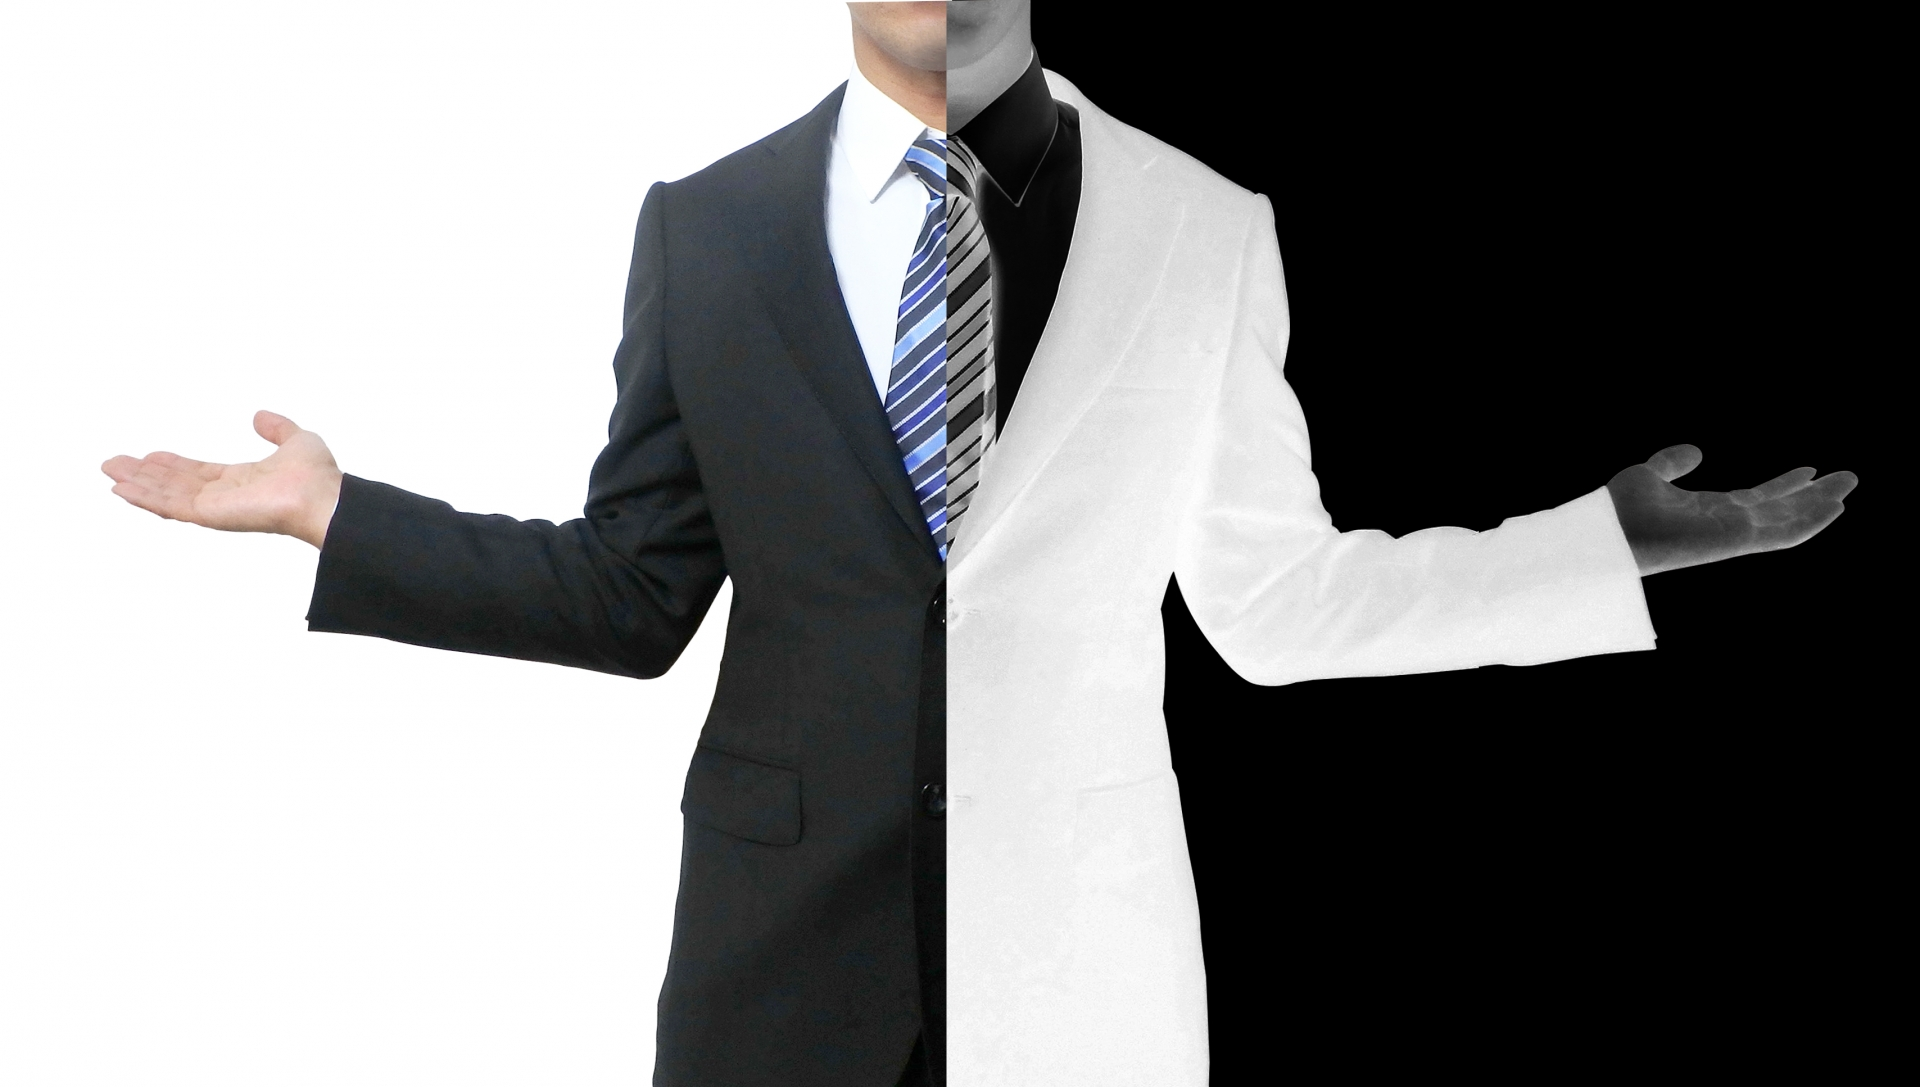 サイコパス 診断 テスト チェック